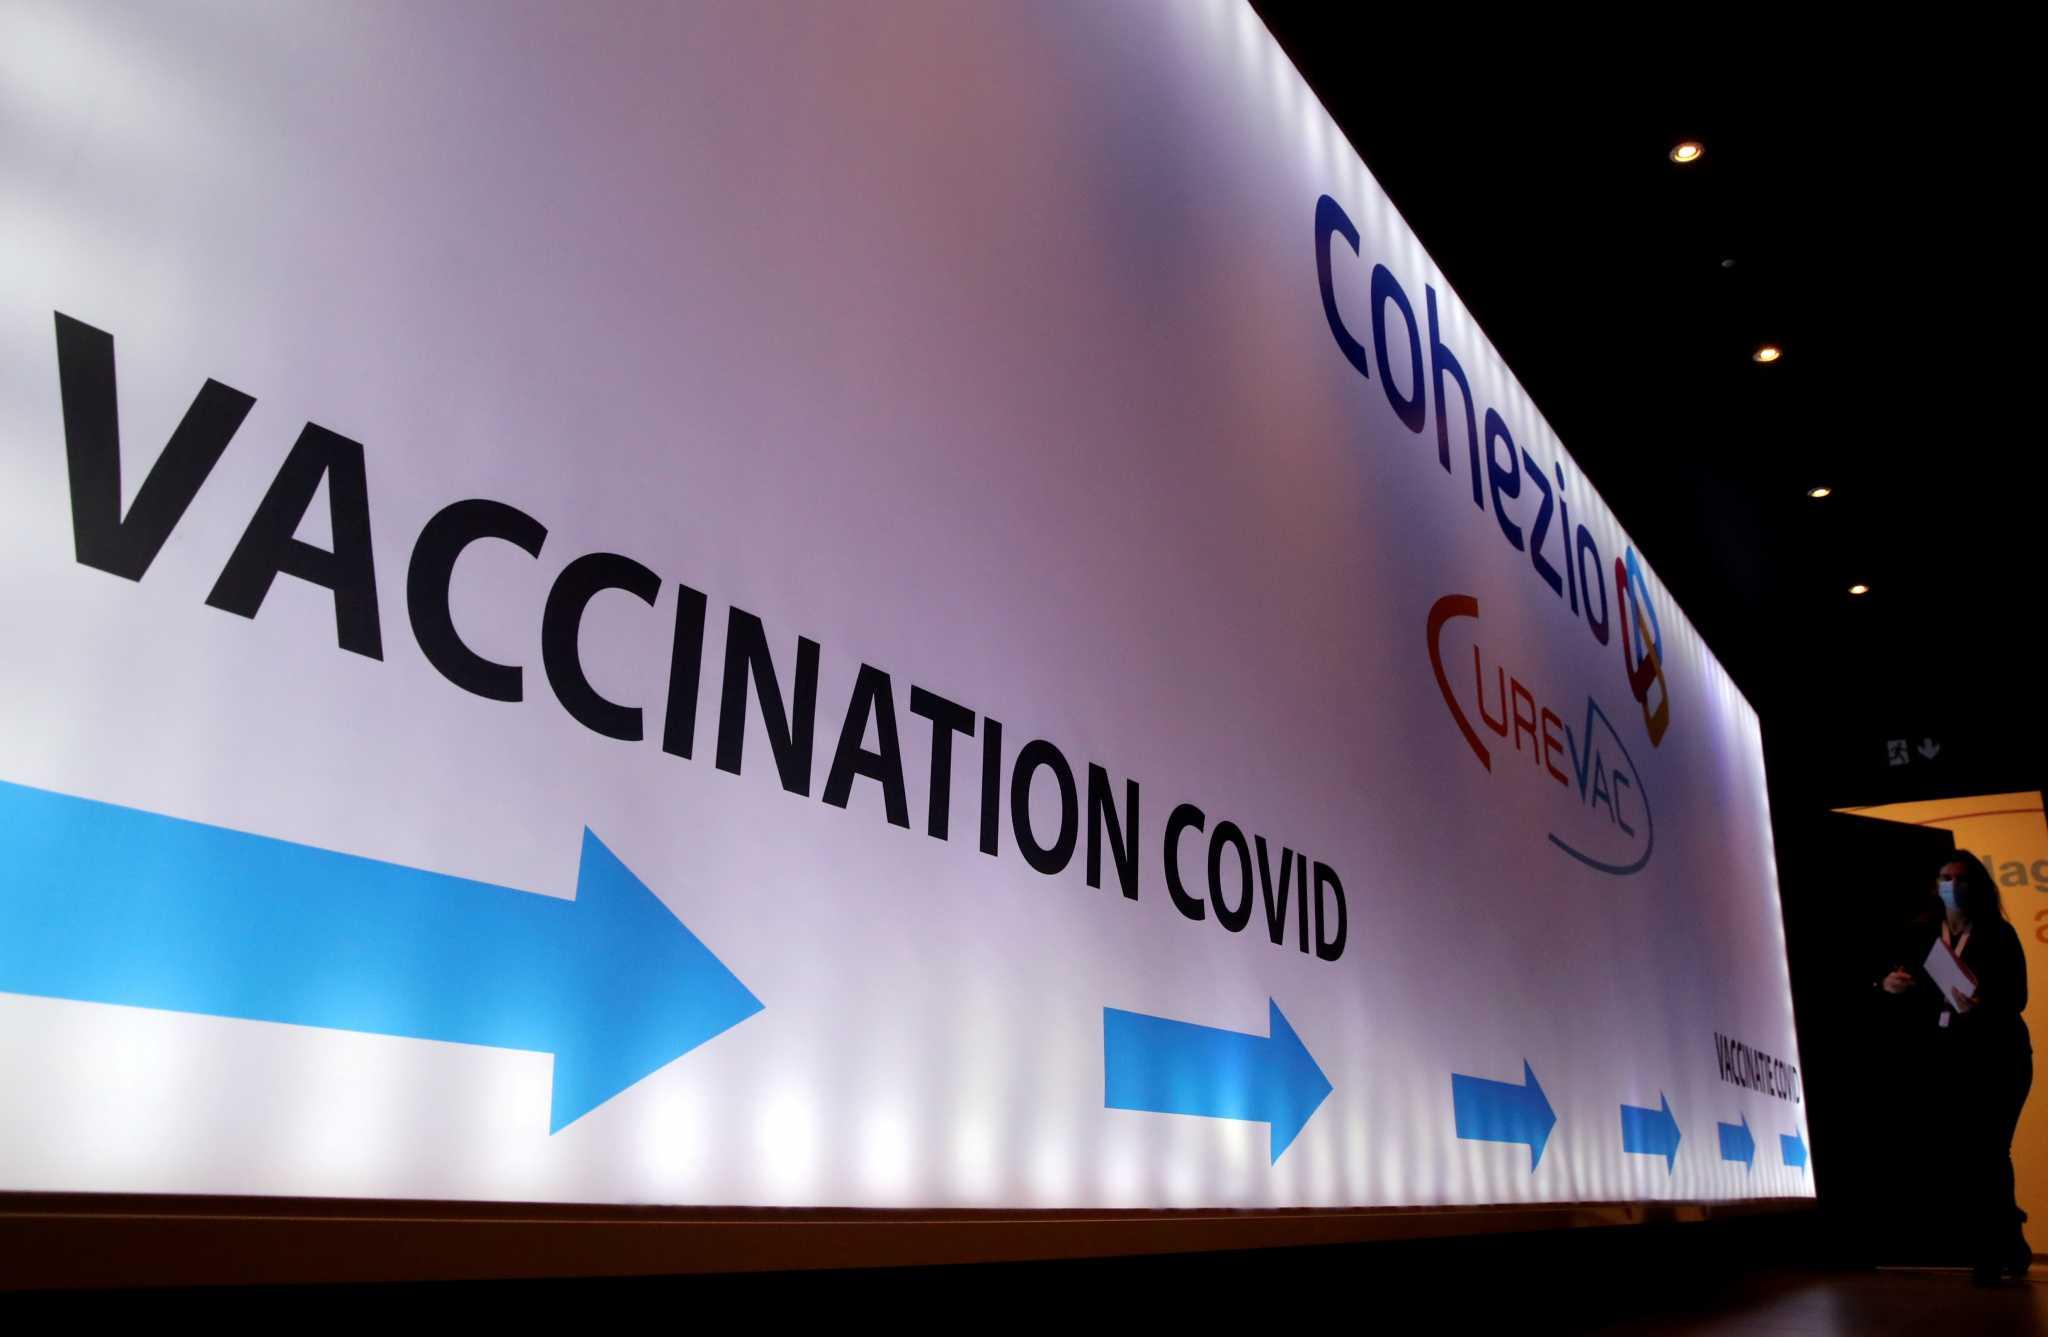 Κορονοϊός: «Πράσινο» από το Βέλγιο για εμβολιασμό εφήβων, 16-17 ετών με Pfizer